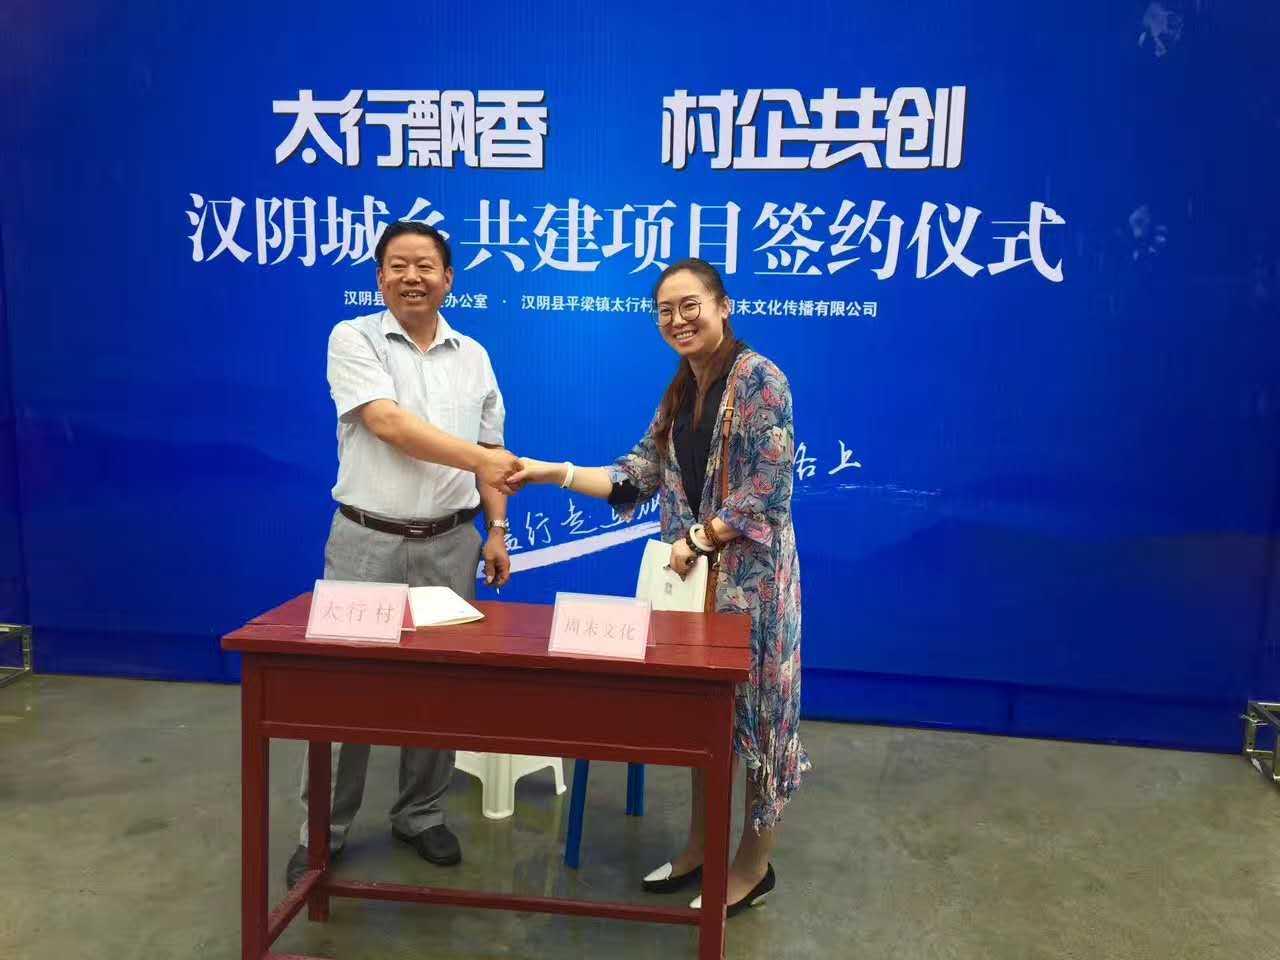 汉阴县开启旅游产业助力脱贫攻坚新模式